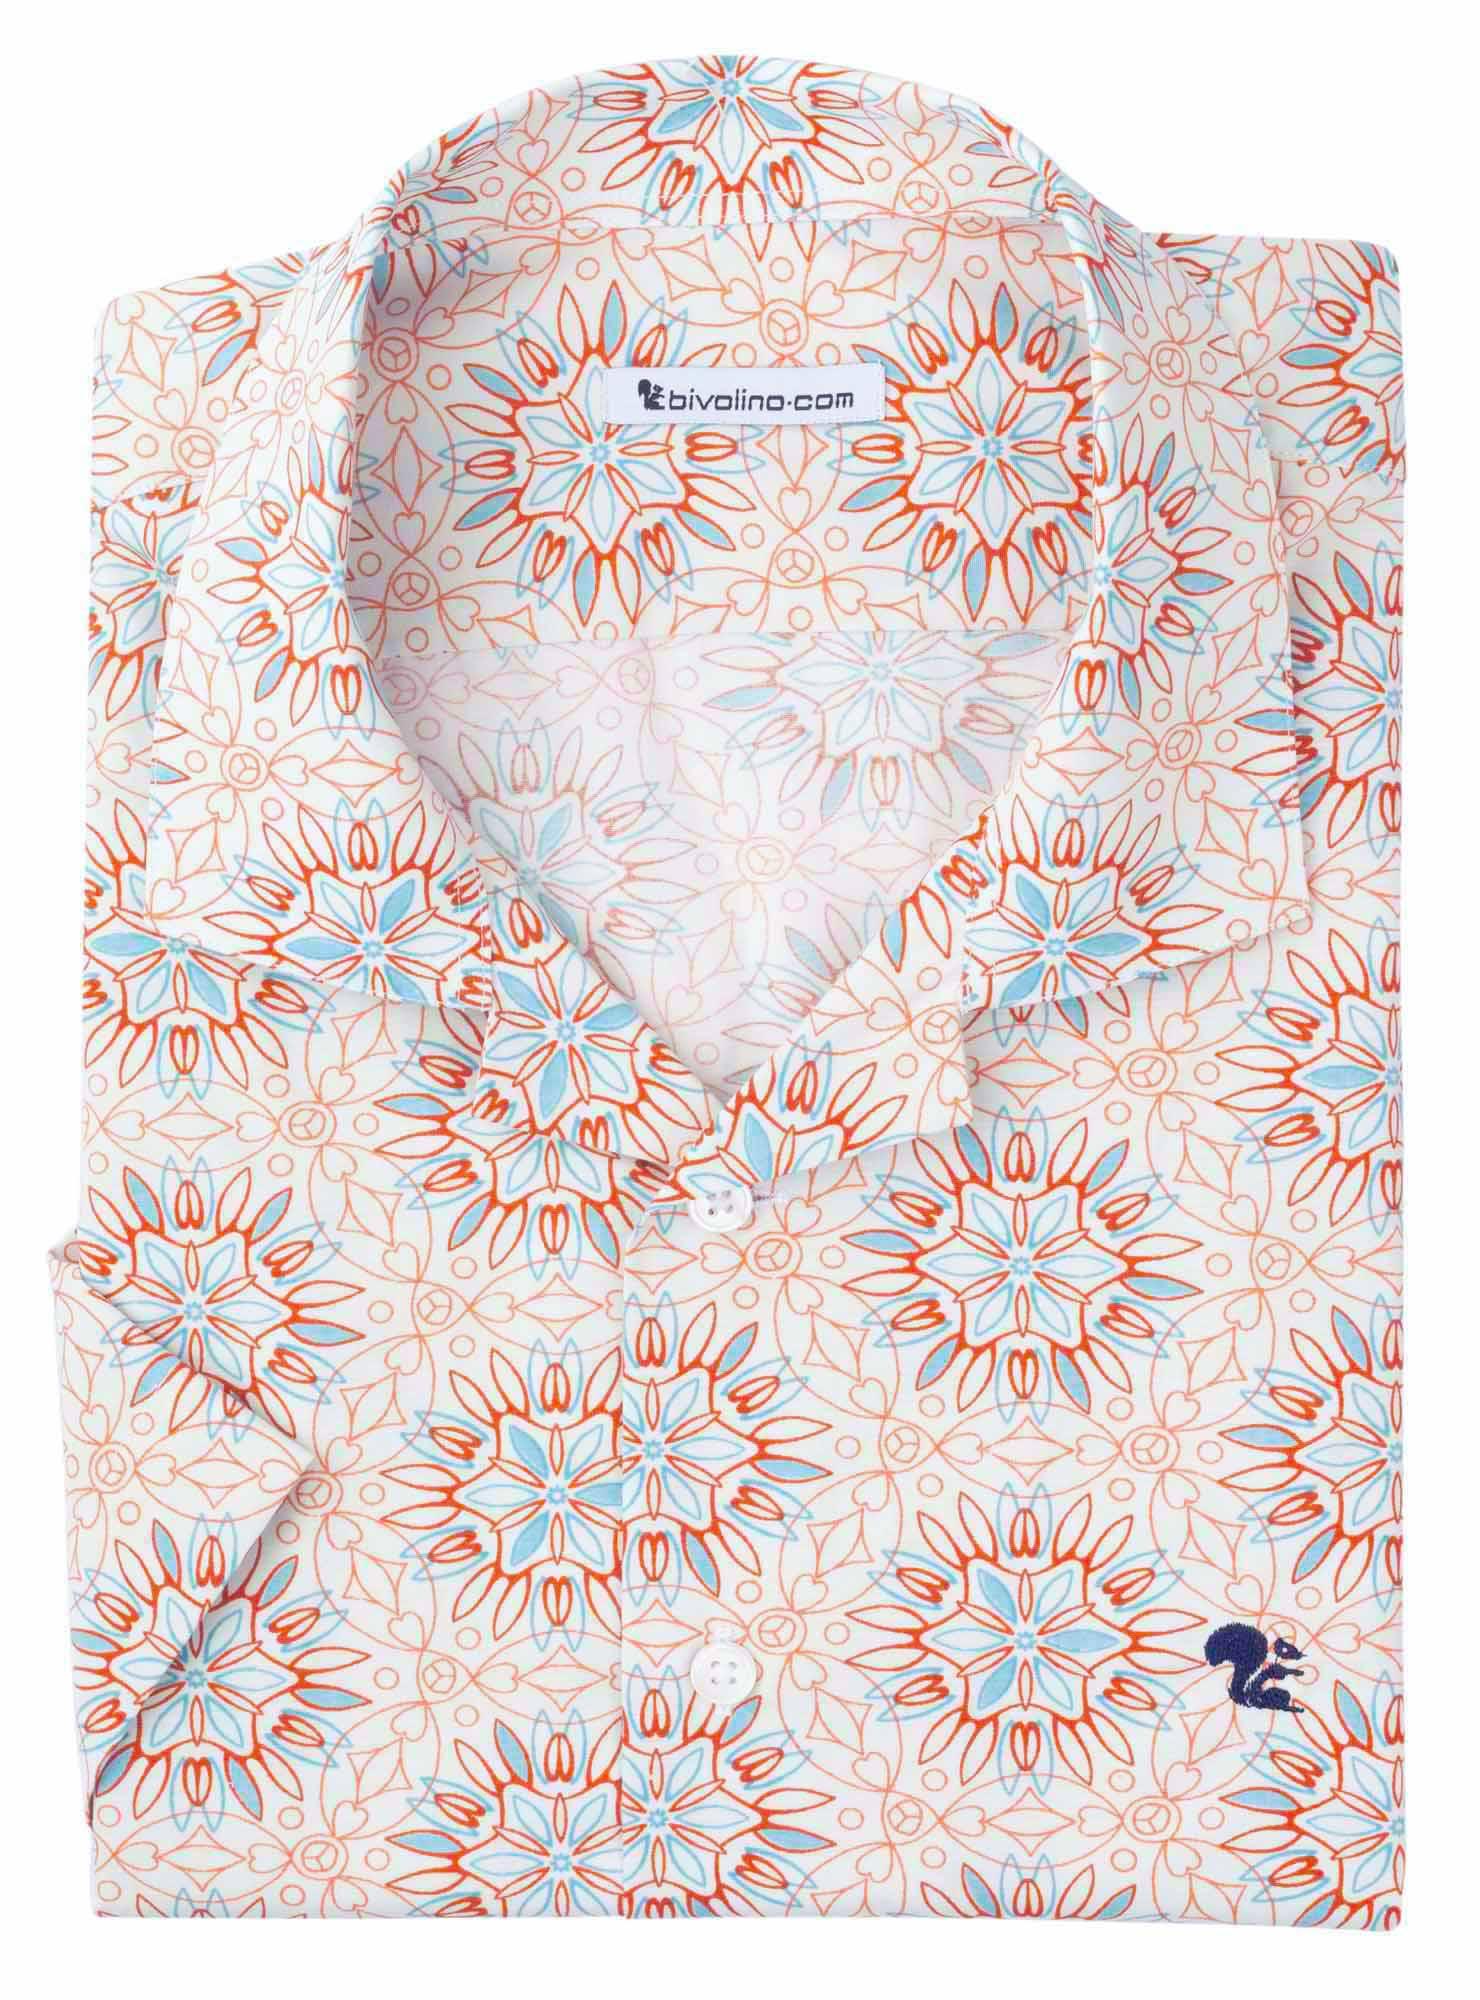 HAWINI - chemise coton hawaïenne - Manio 1